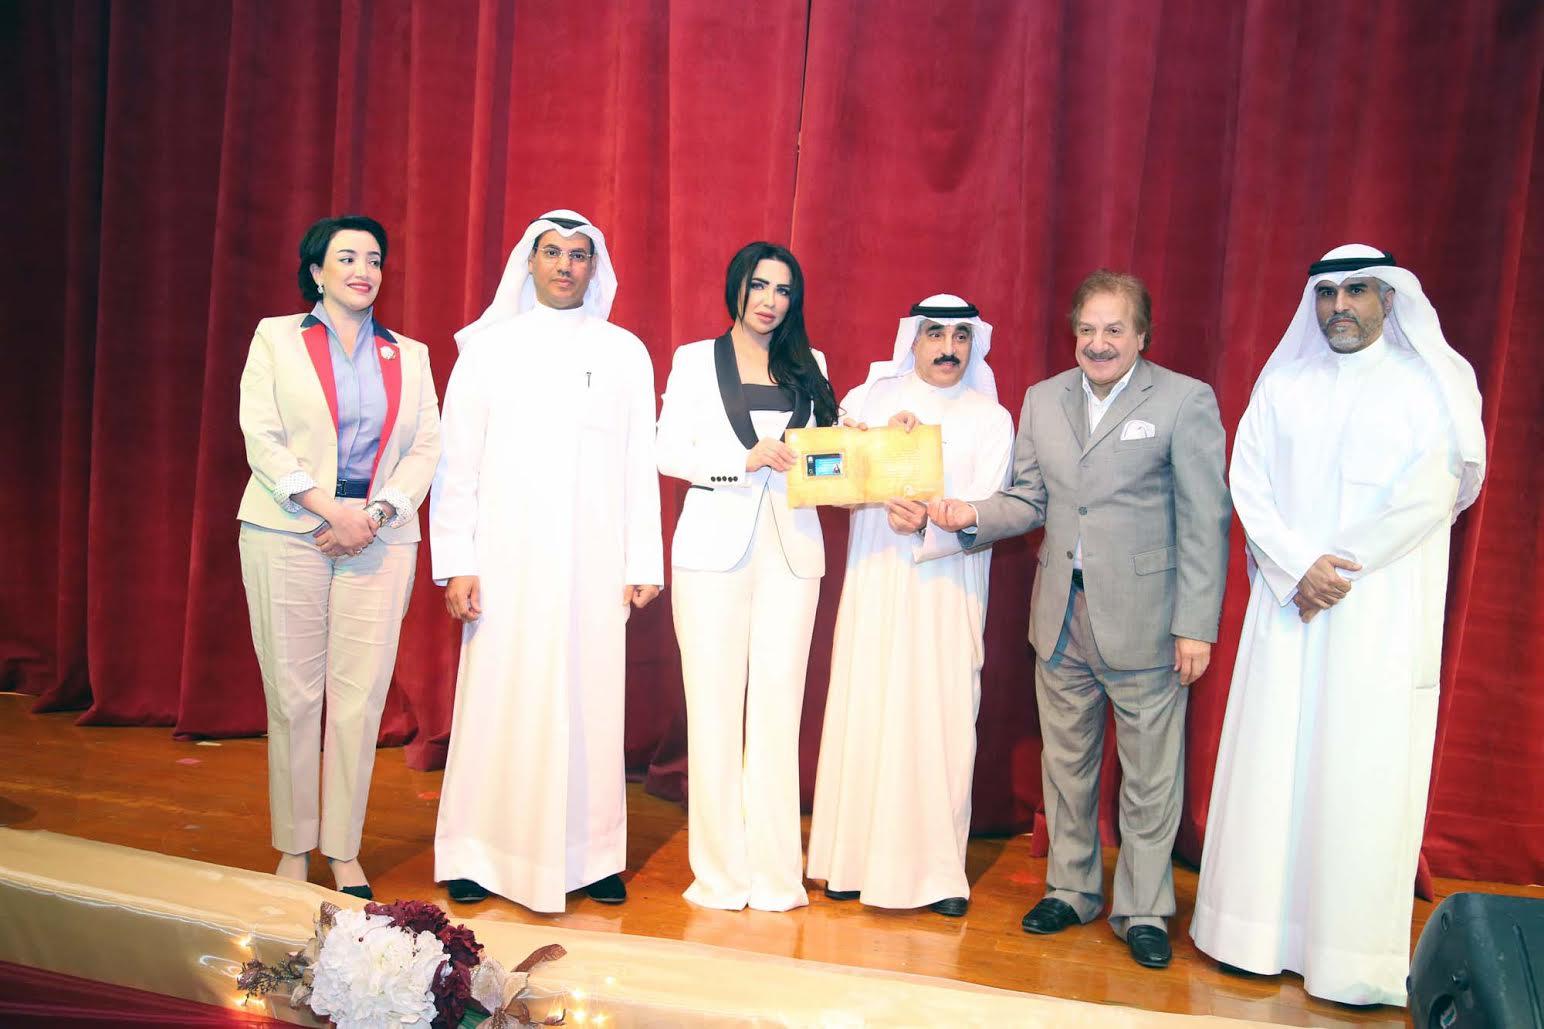 صورة المنظمة التنموية للطاقة المتجددة .تكرم السفيرة . وفاء بن خليفة .